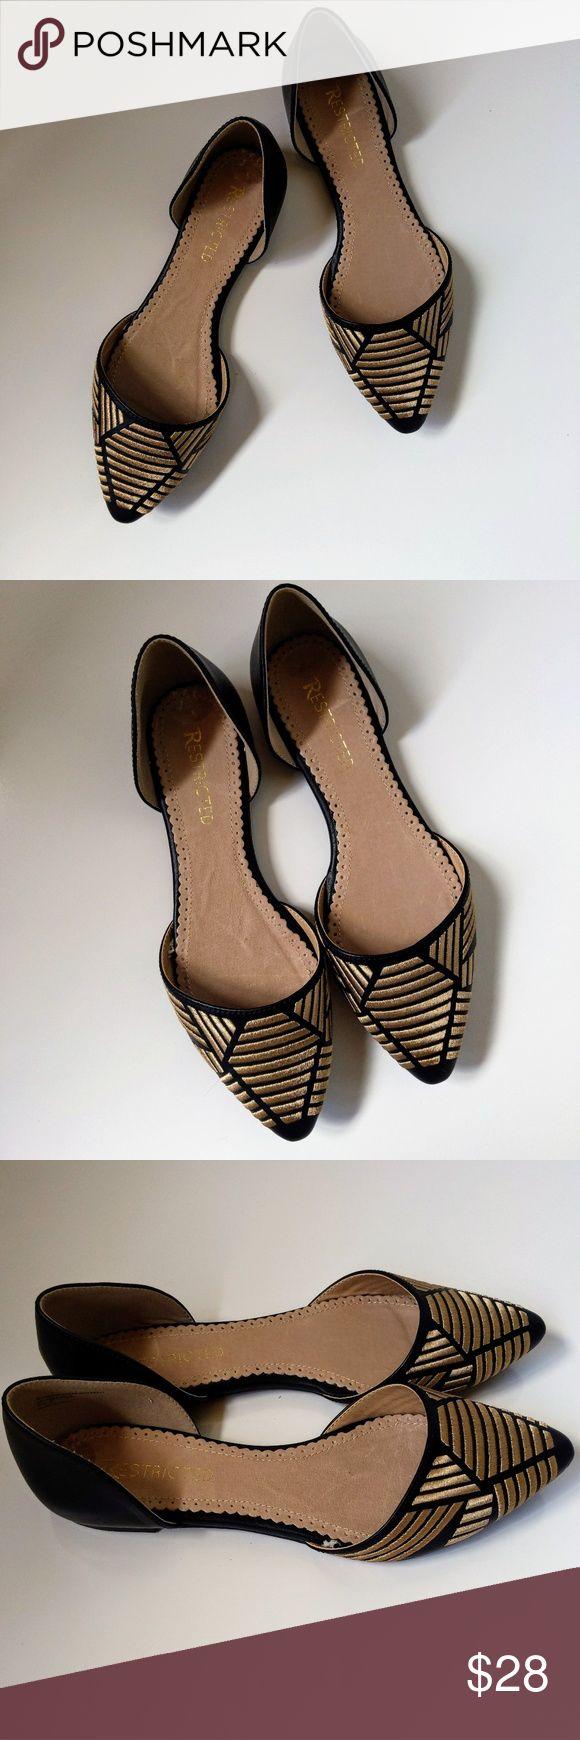 Eingeschränktes Schwarz & Gold D & # 39; Orsay Flats- 7 EUC, kaum getragen. Entzückendes Schwarz …   – My Posh Picks